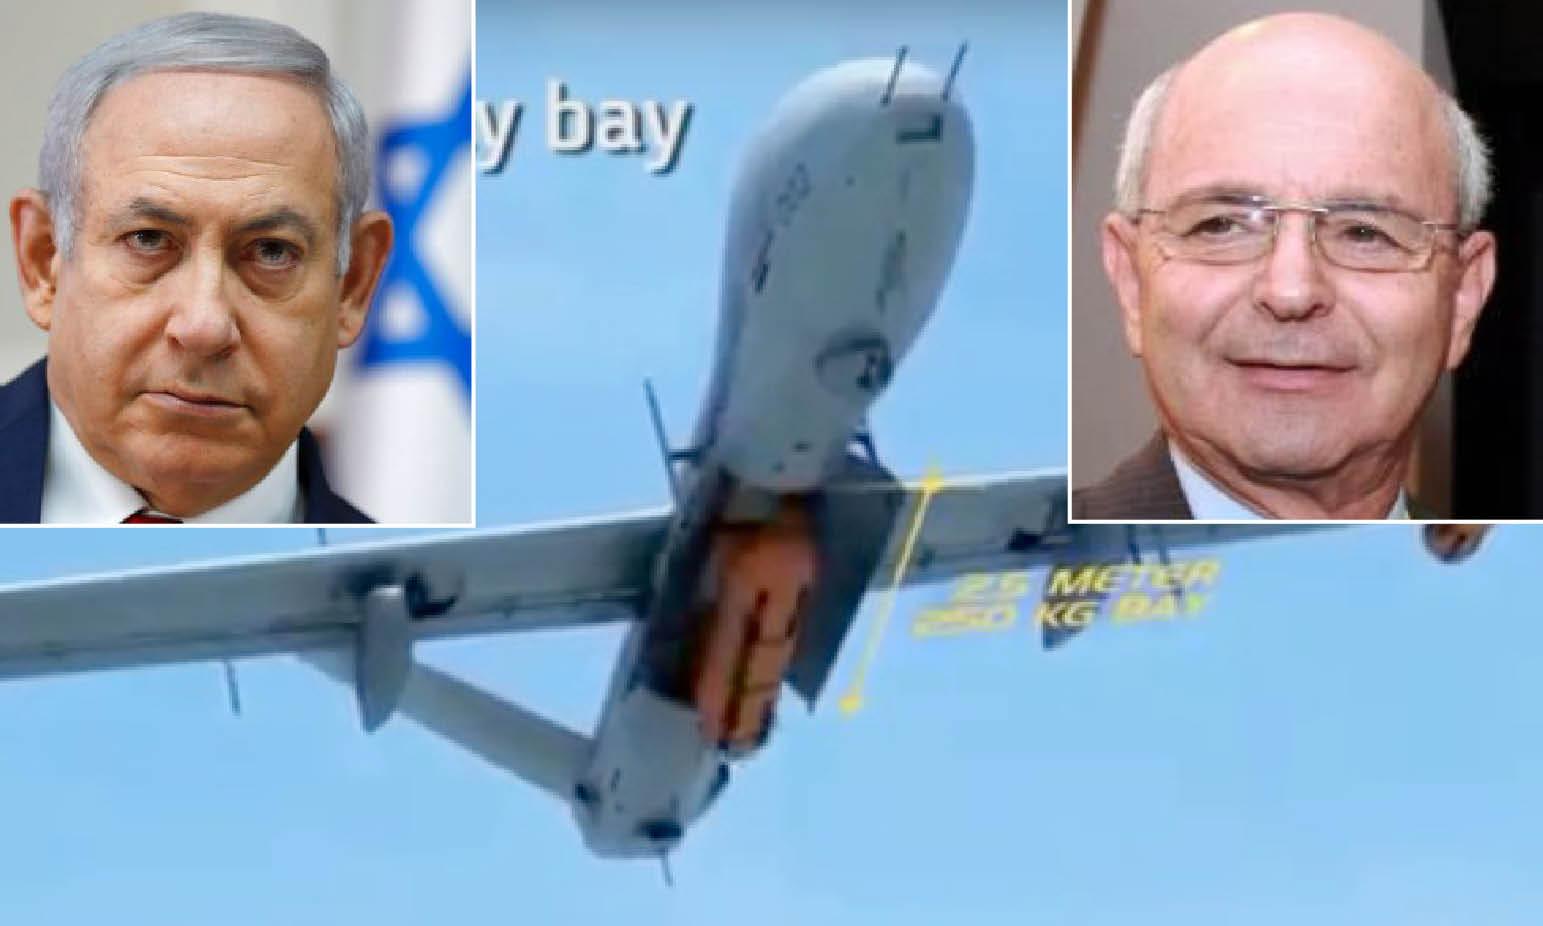 LOBBY ARMI – 3: TYCOON SIONISTA DEI DRONI SPIA-KILLER PREMIATO DAI MASSONI USA E DALLA REGINA UK